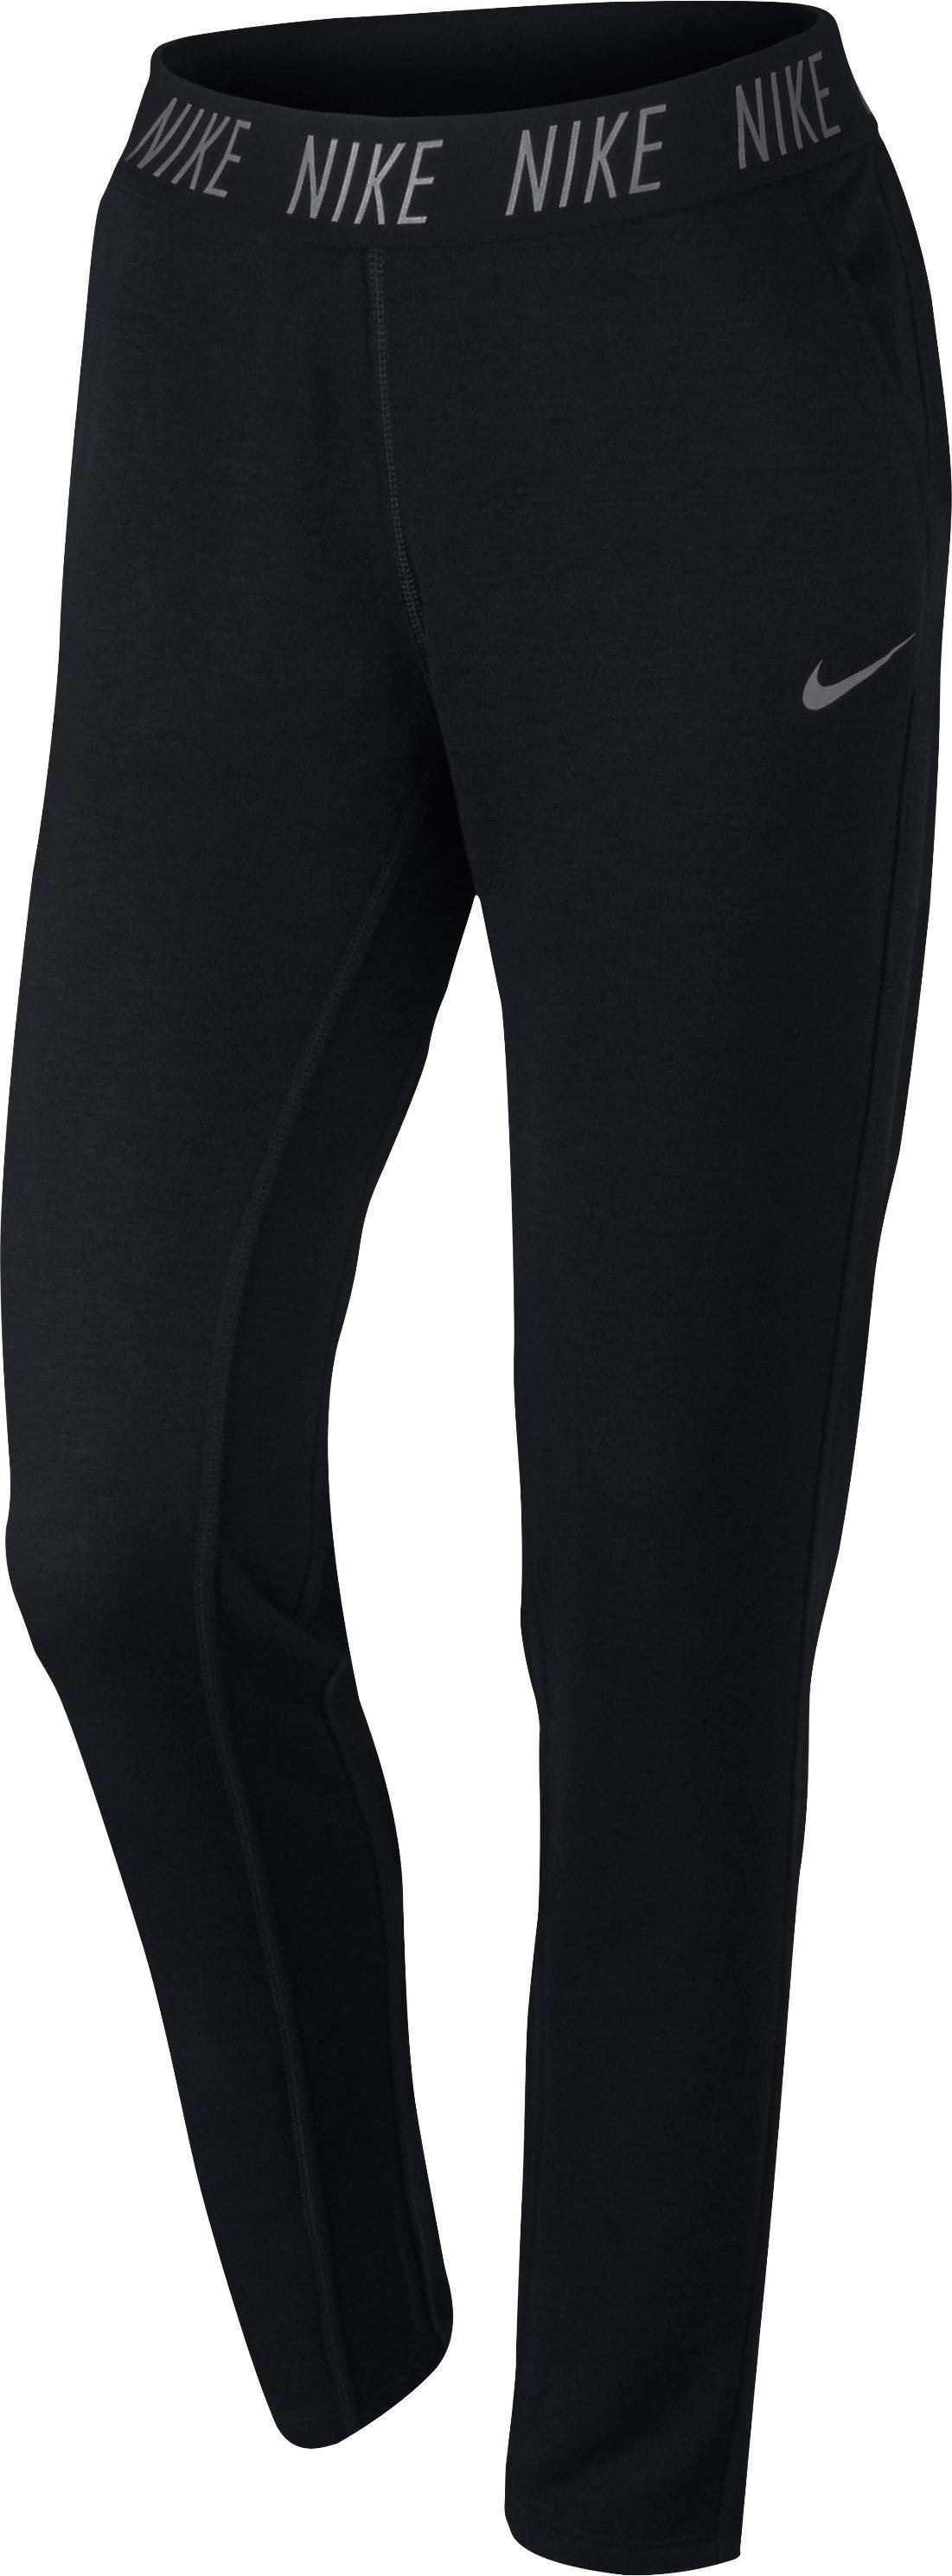 Nike Damesbroek voor gym en pilates zwart